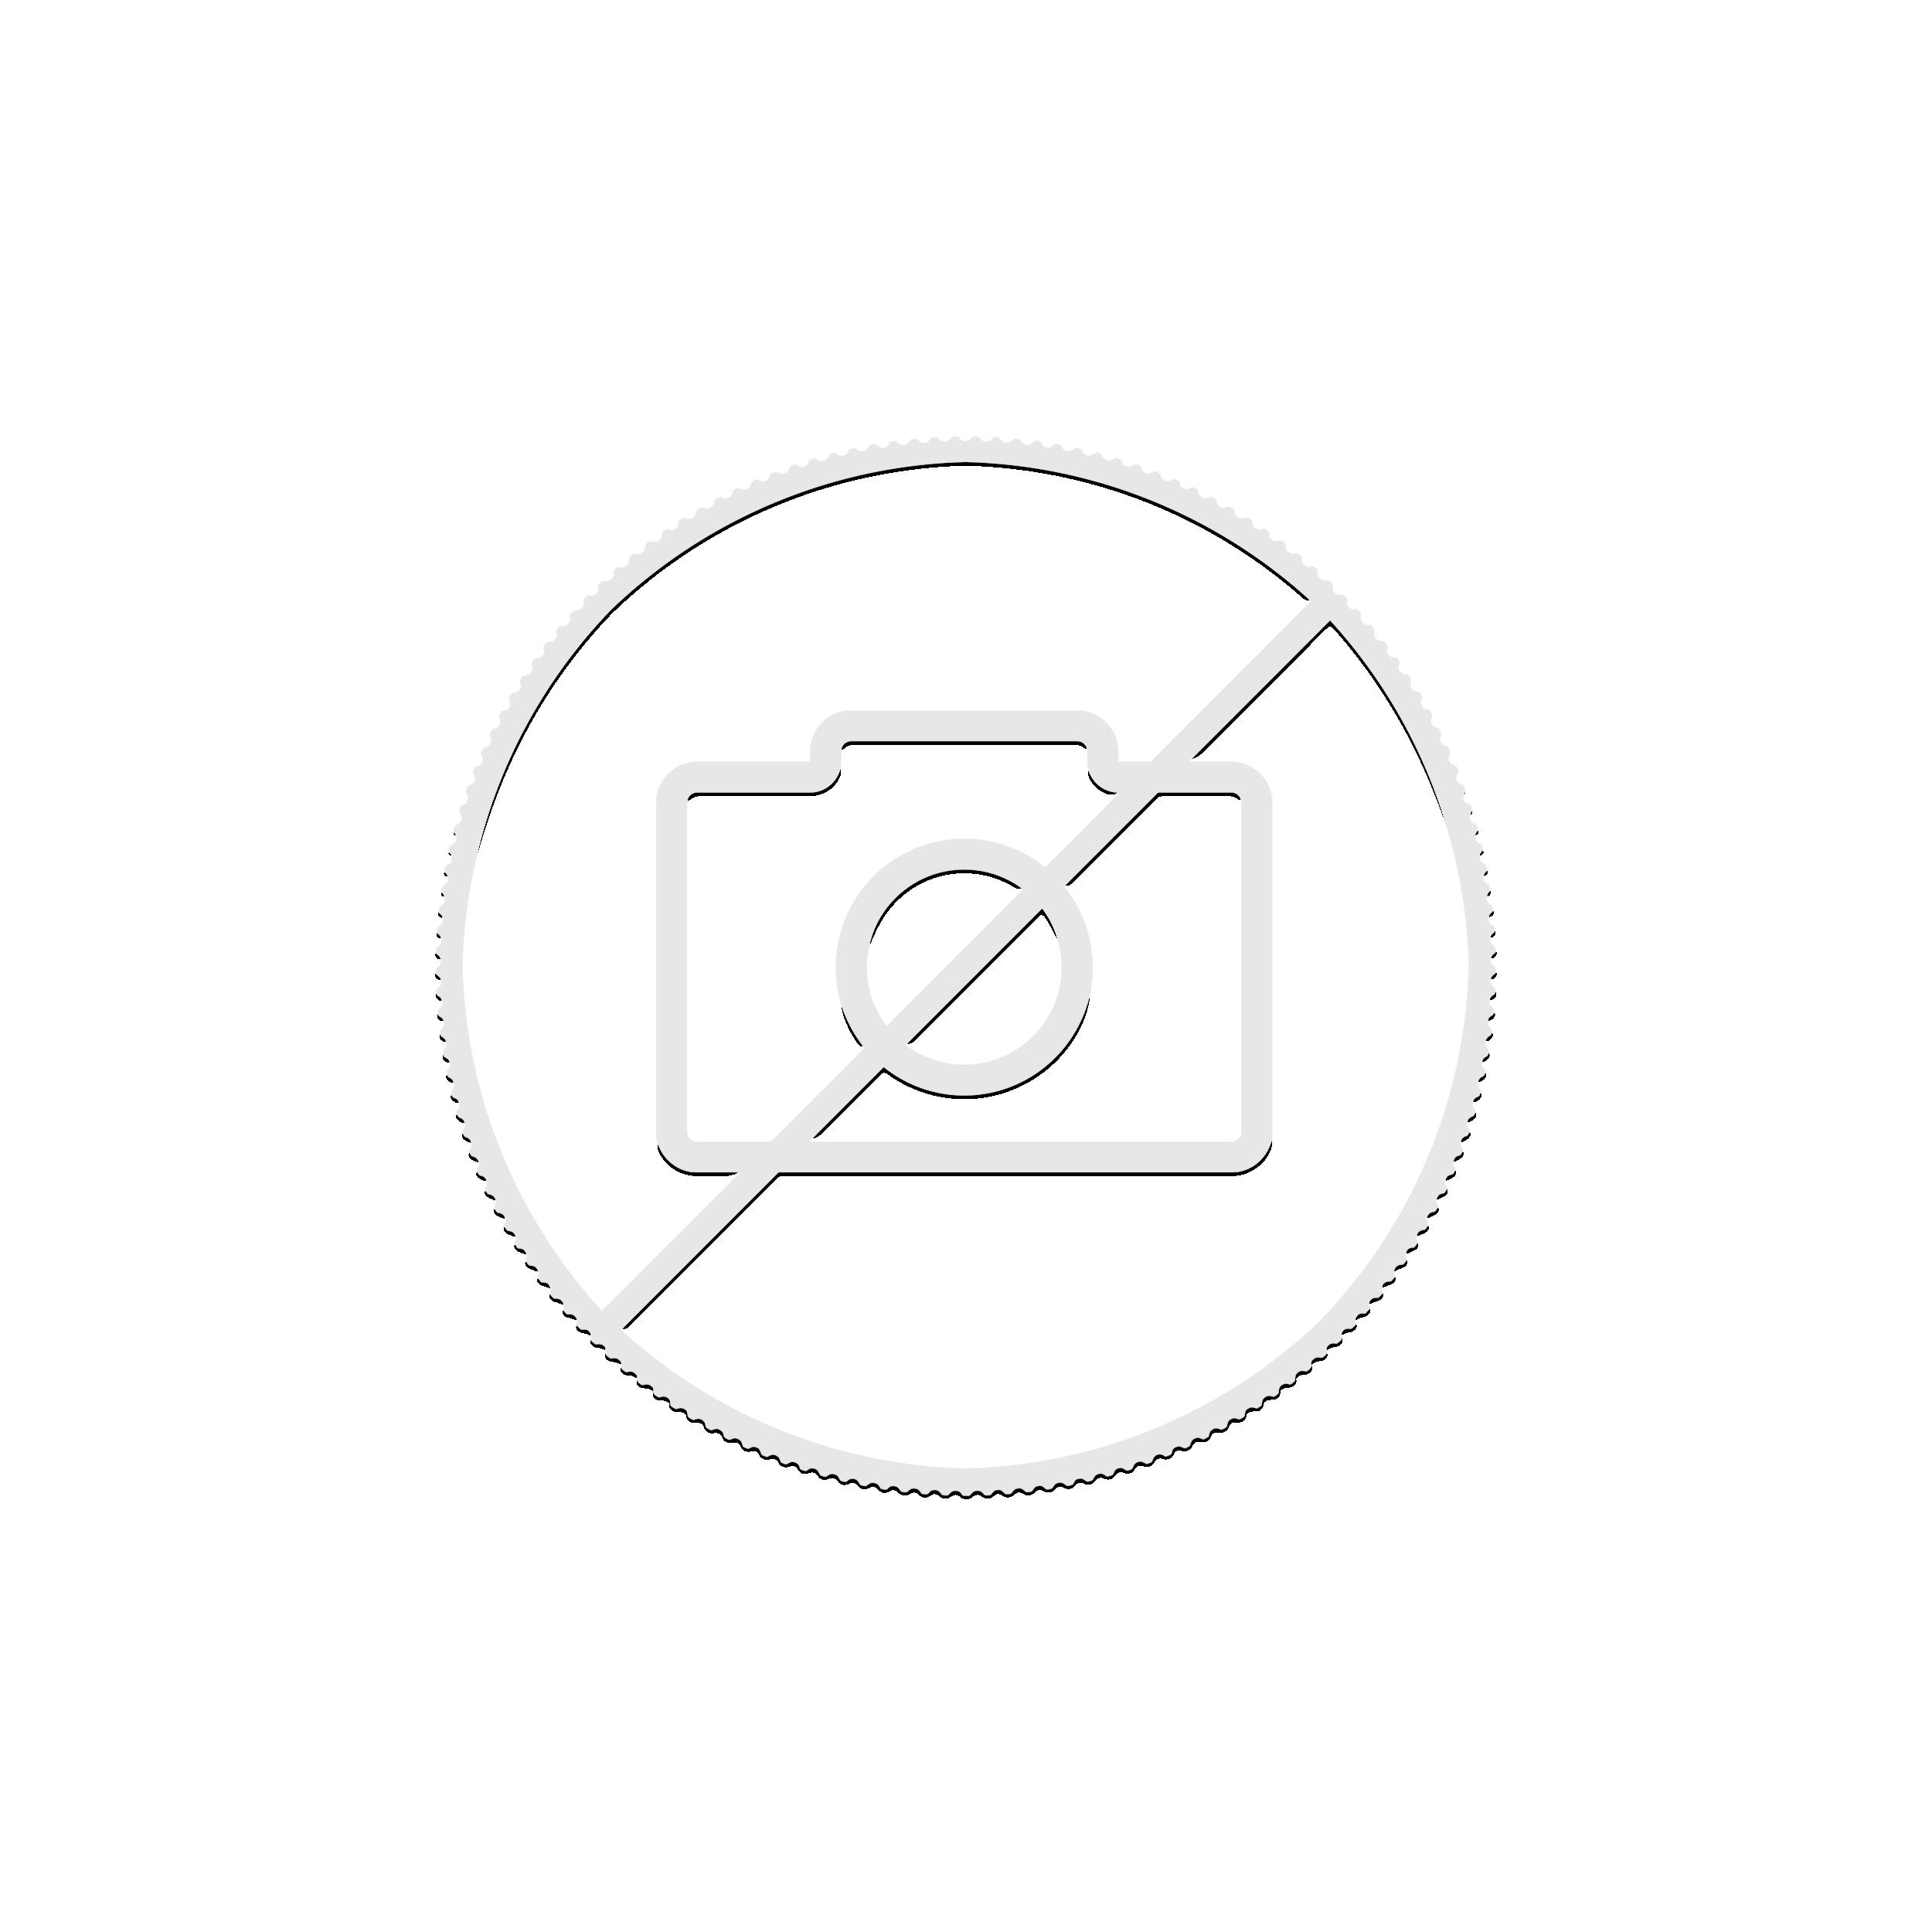 2 troy ounce zilveren munt Lü Bü strijd 3 helden 2021 - antieke afwerking